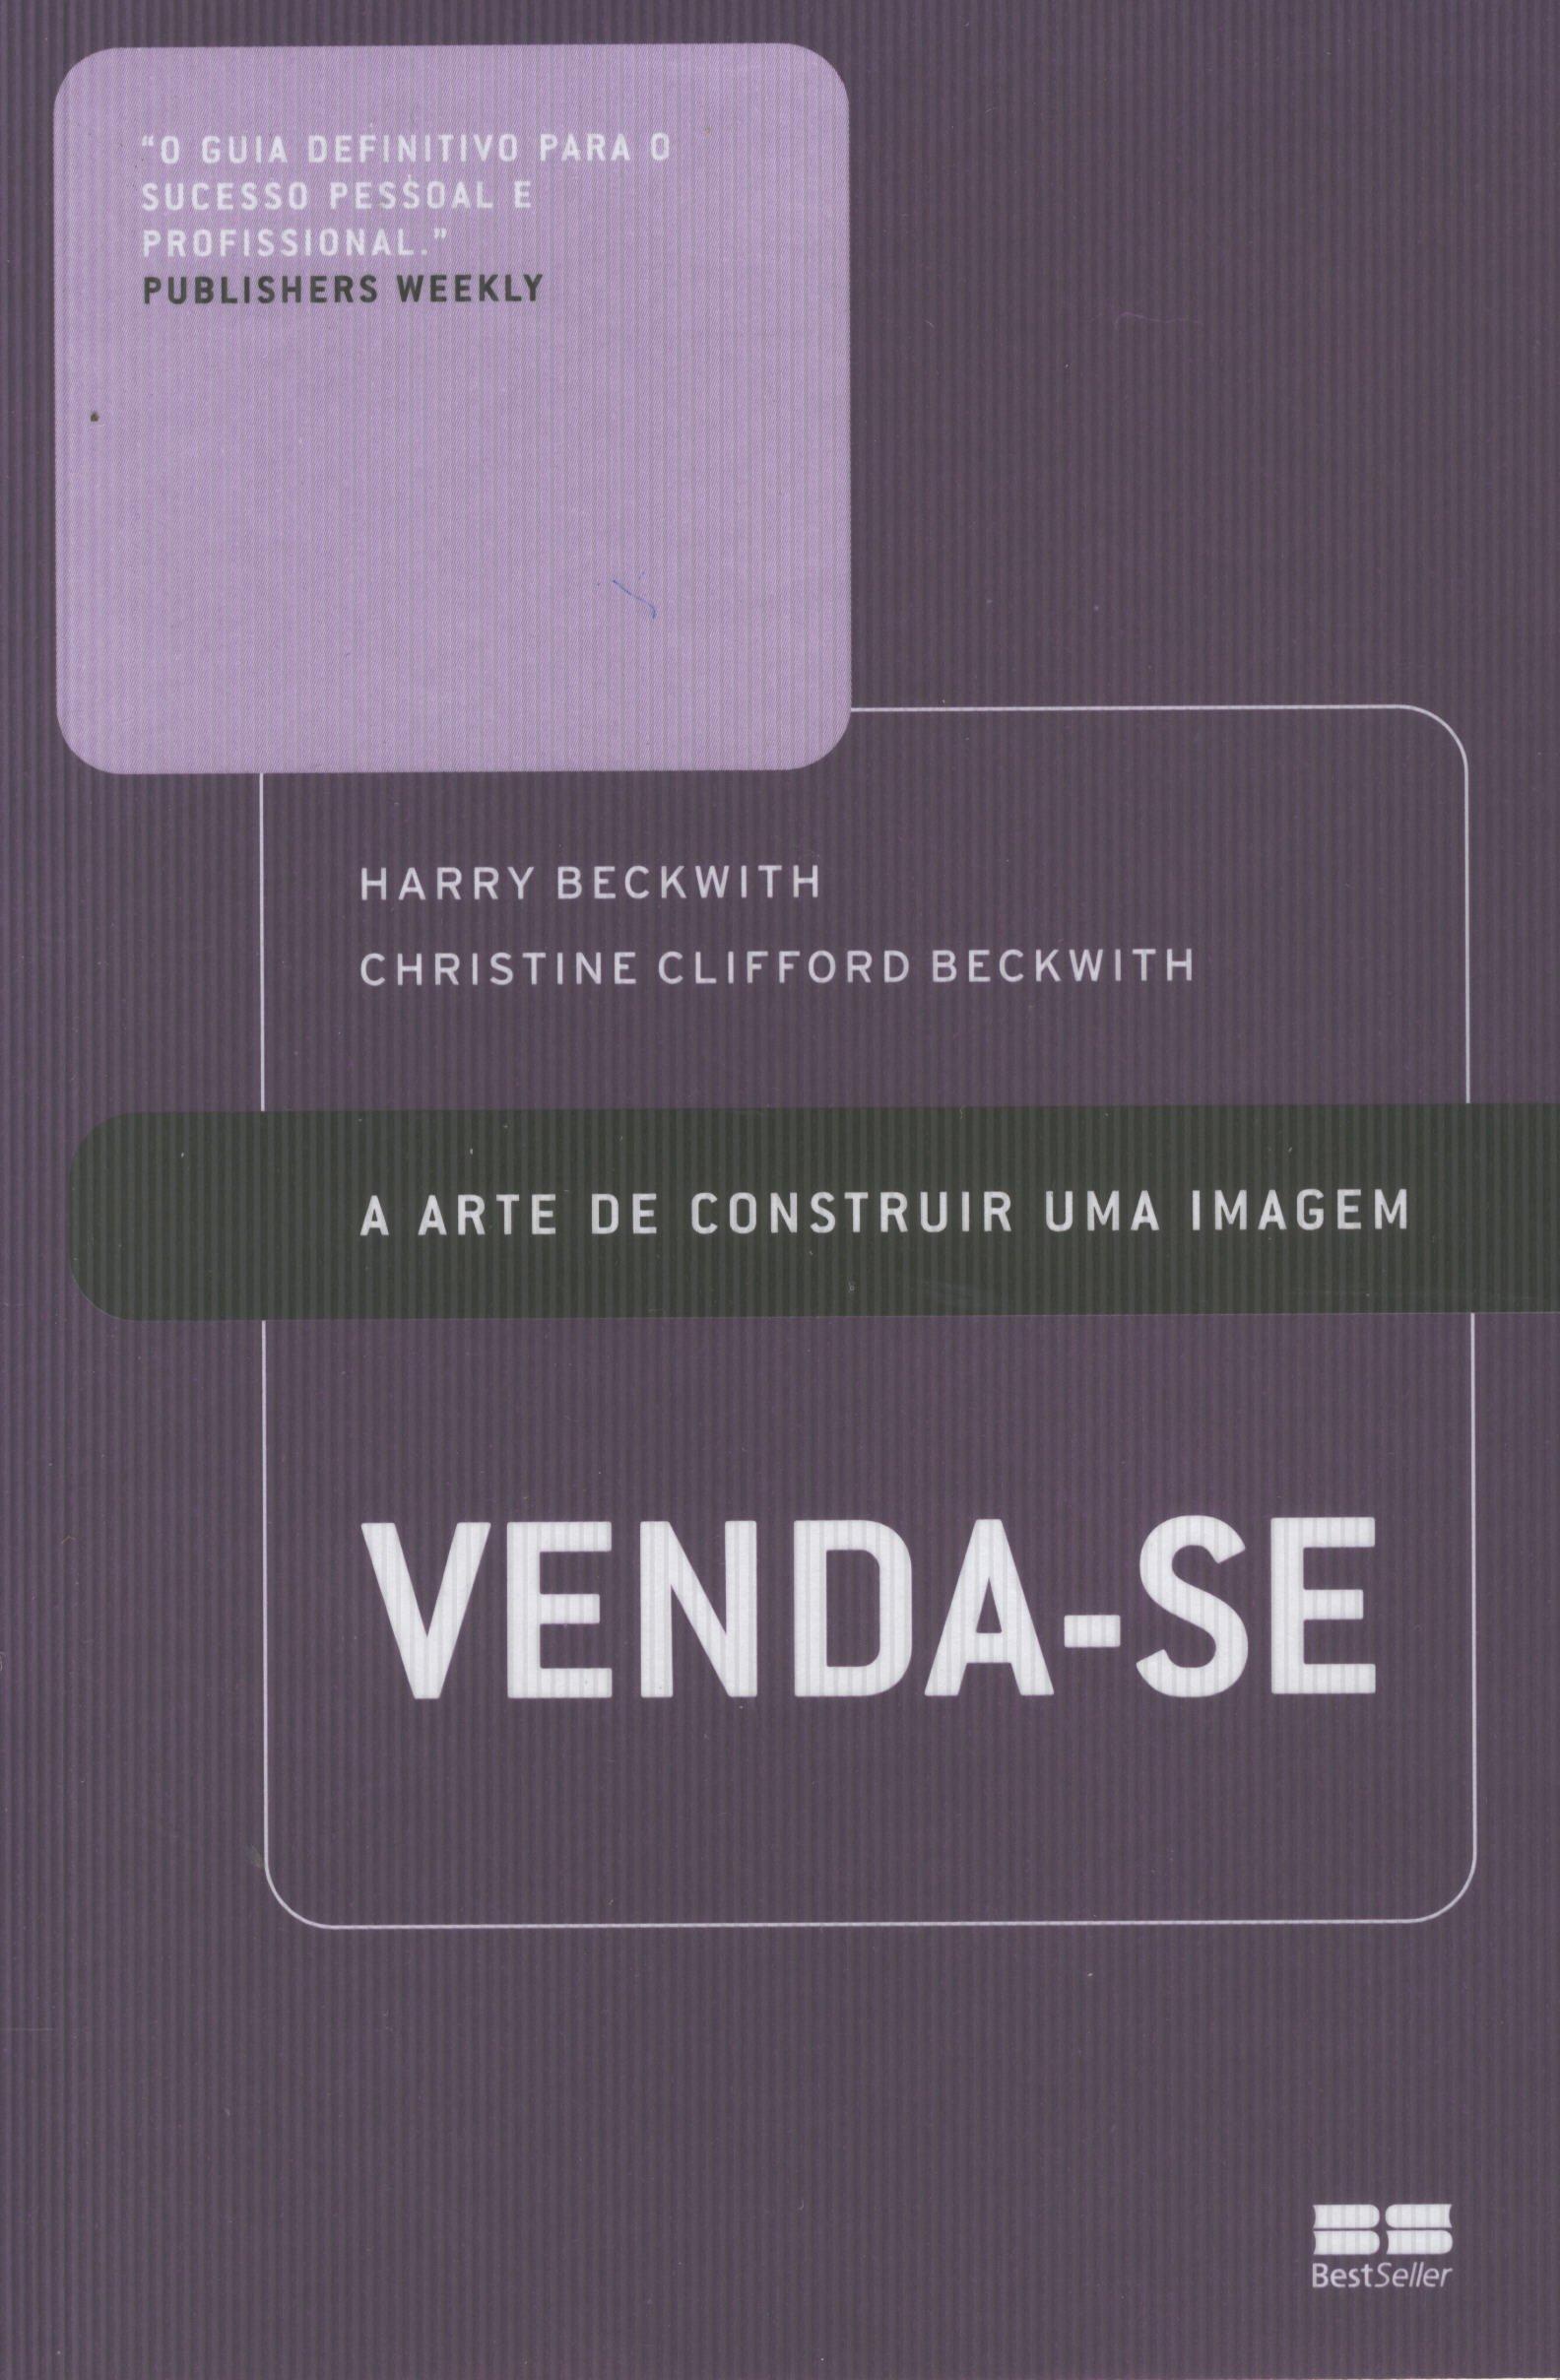 VENDA-SE - A ARTE DE CONSTRUIR UMA IMAGEM